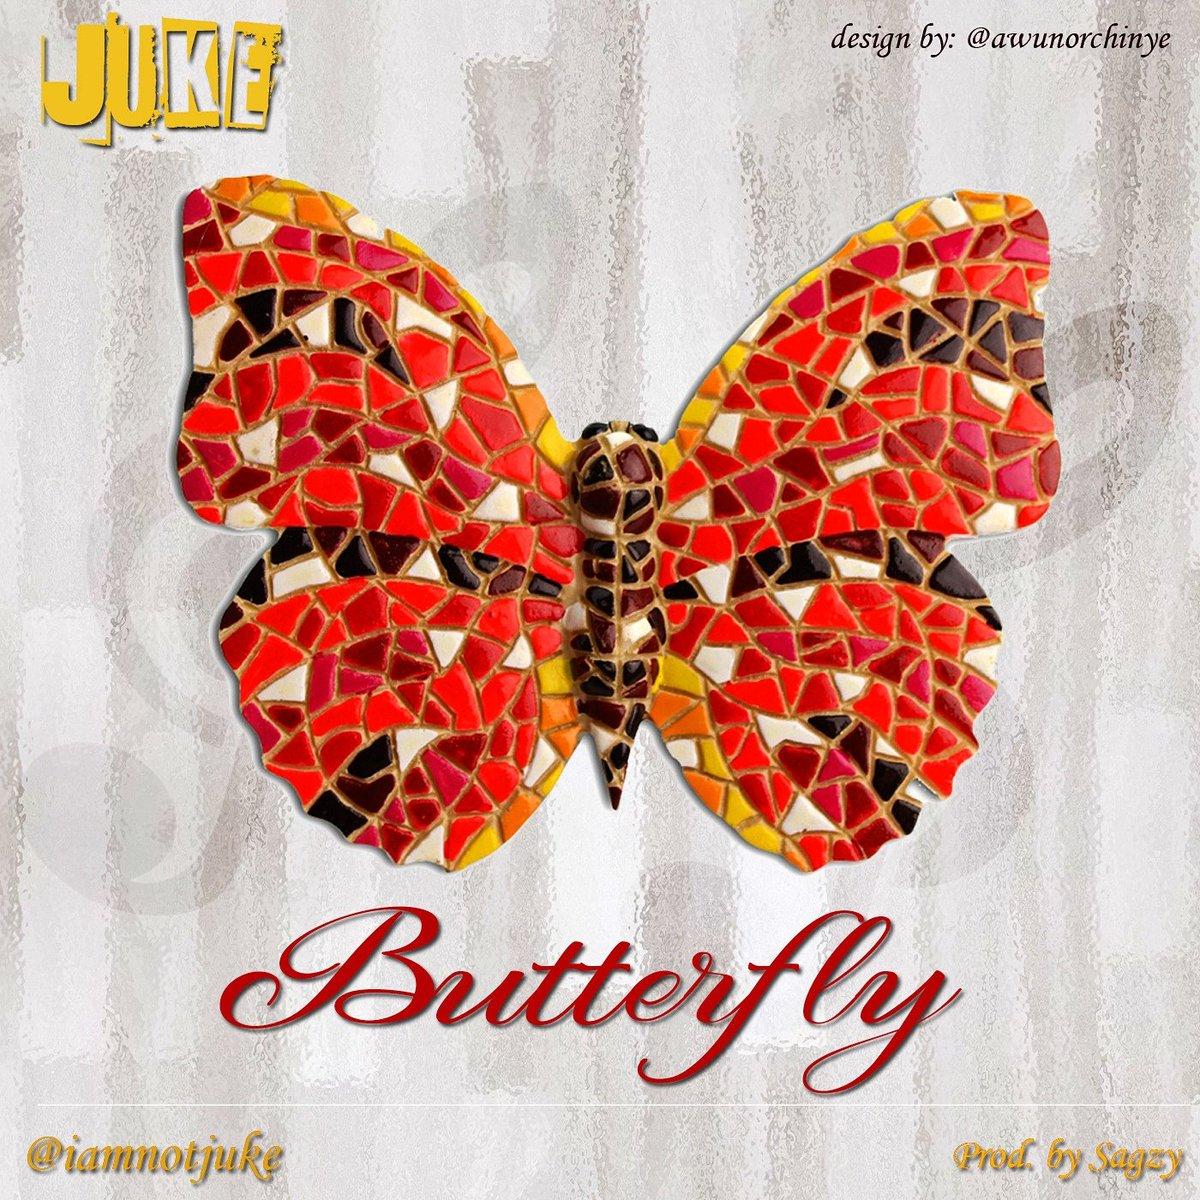 Haaaay.  Download!!!!!  #ButterflyByJuke  https://t.co/QzhsV27QSh https://t.co/jectlRVX6Z